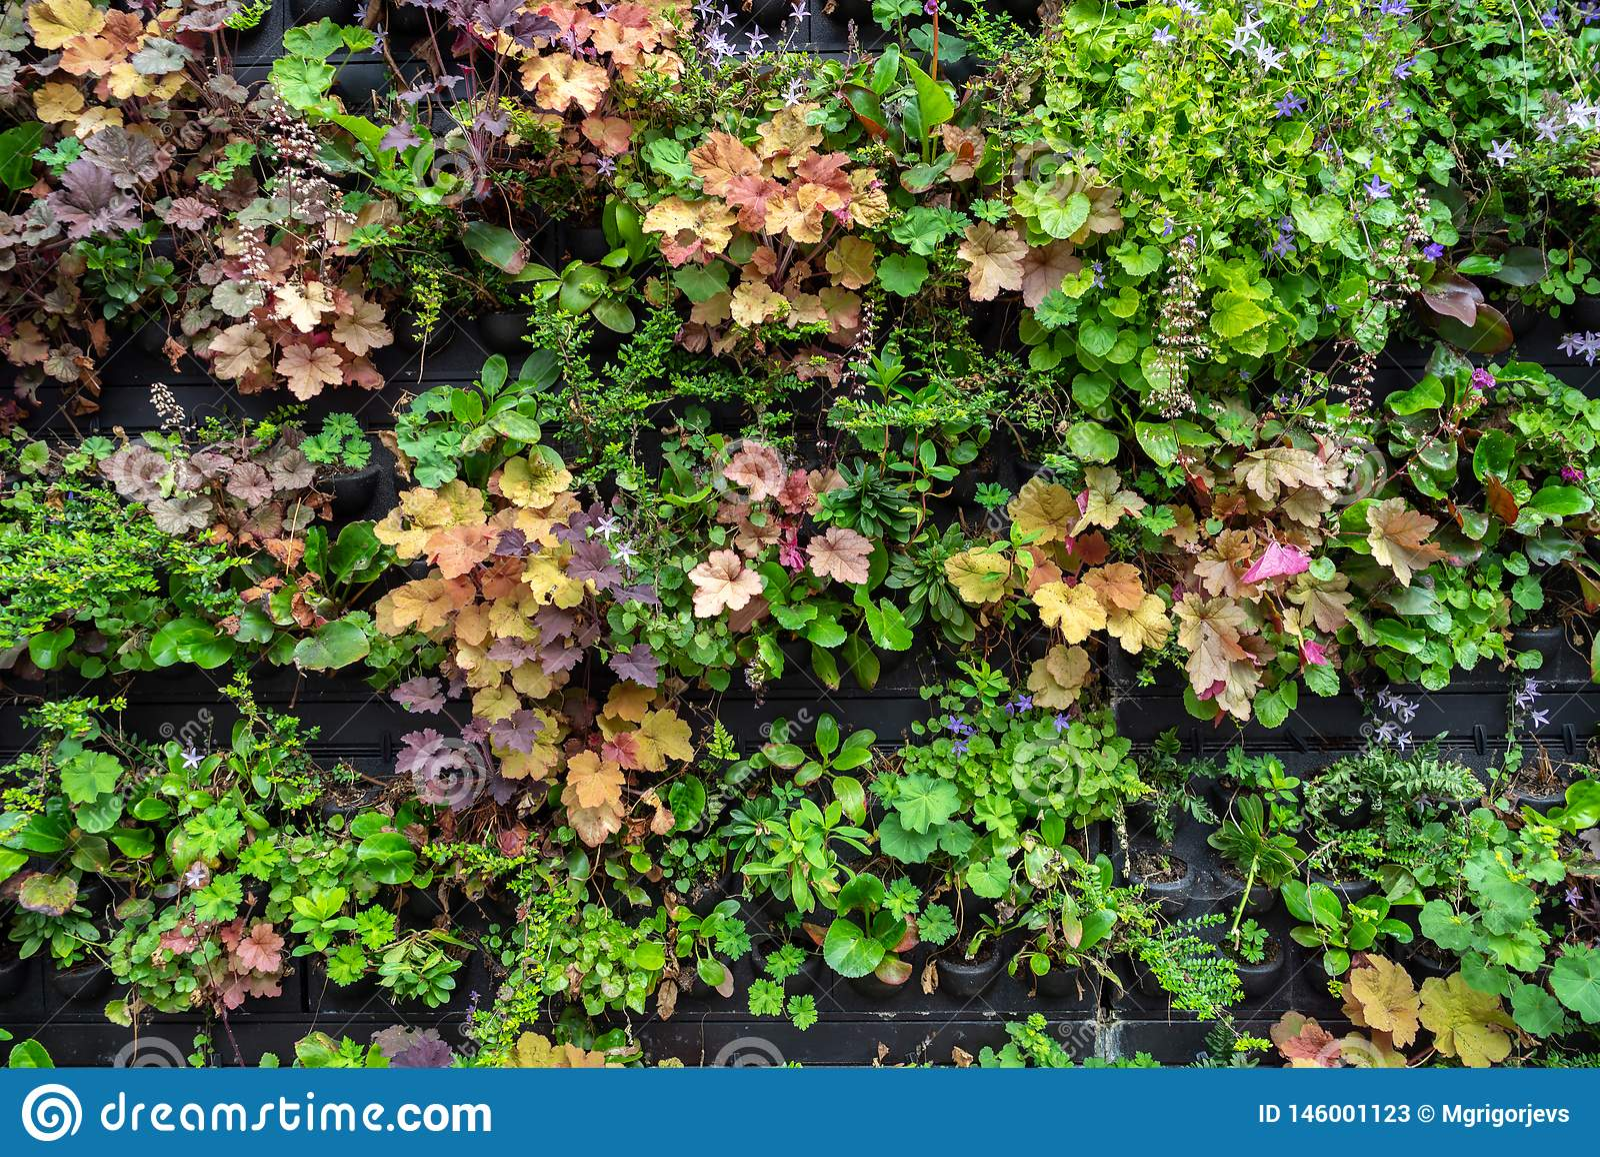 Οι εγκαταστάσεις και τα λουλούδια στα δοχεία για την πώληση στον κήπο κεντροθετούν ή φυτεύουν το βρεφικό σταθμό